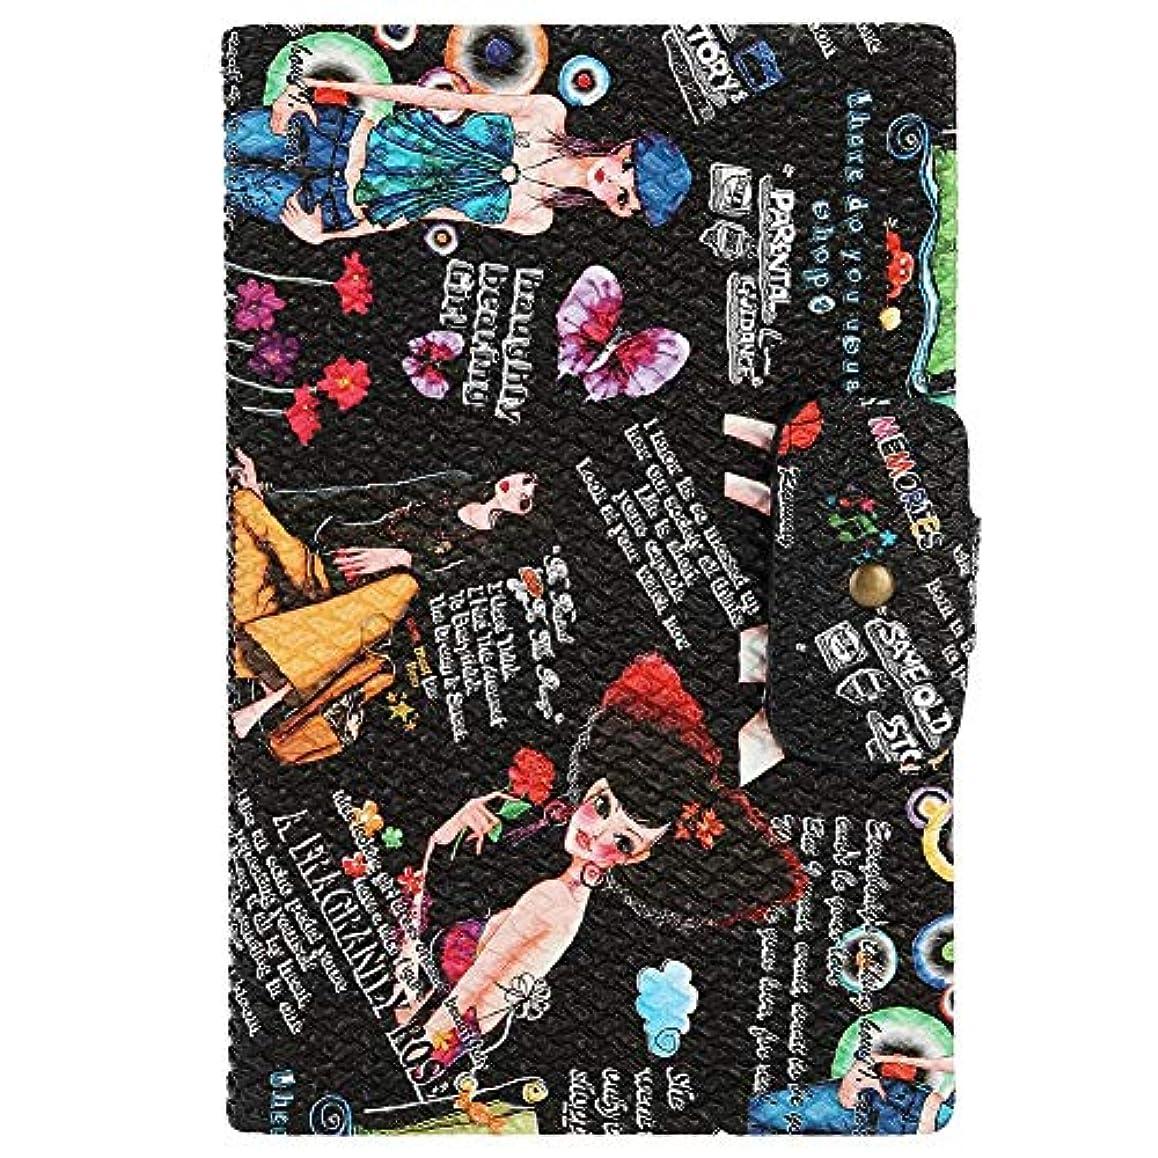 自発エージェントメーカーネイルアートディスプレイスタンド 160色表示 プラスチック板 ネイルポリッシュカラー ディスプレイ サロン アクセサリー(02)